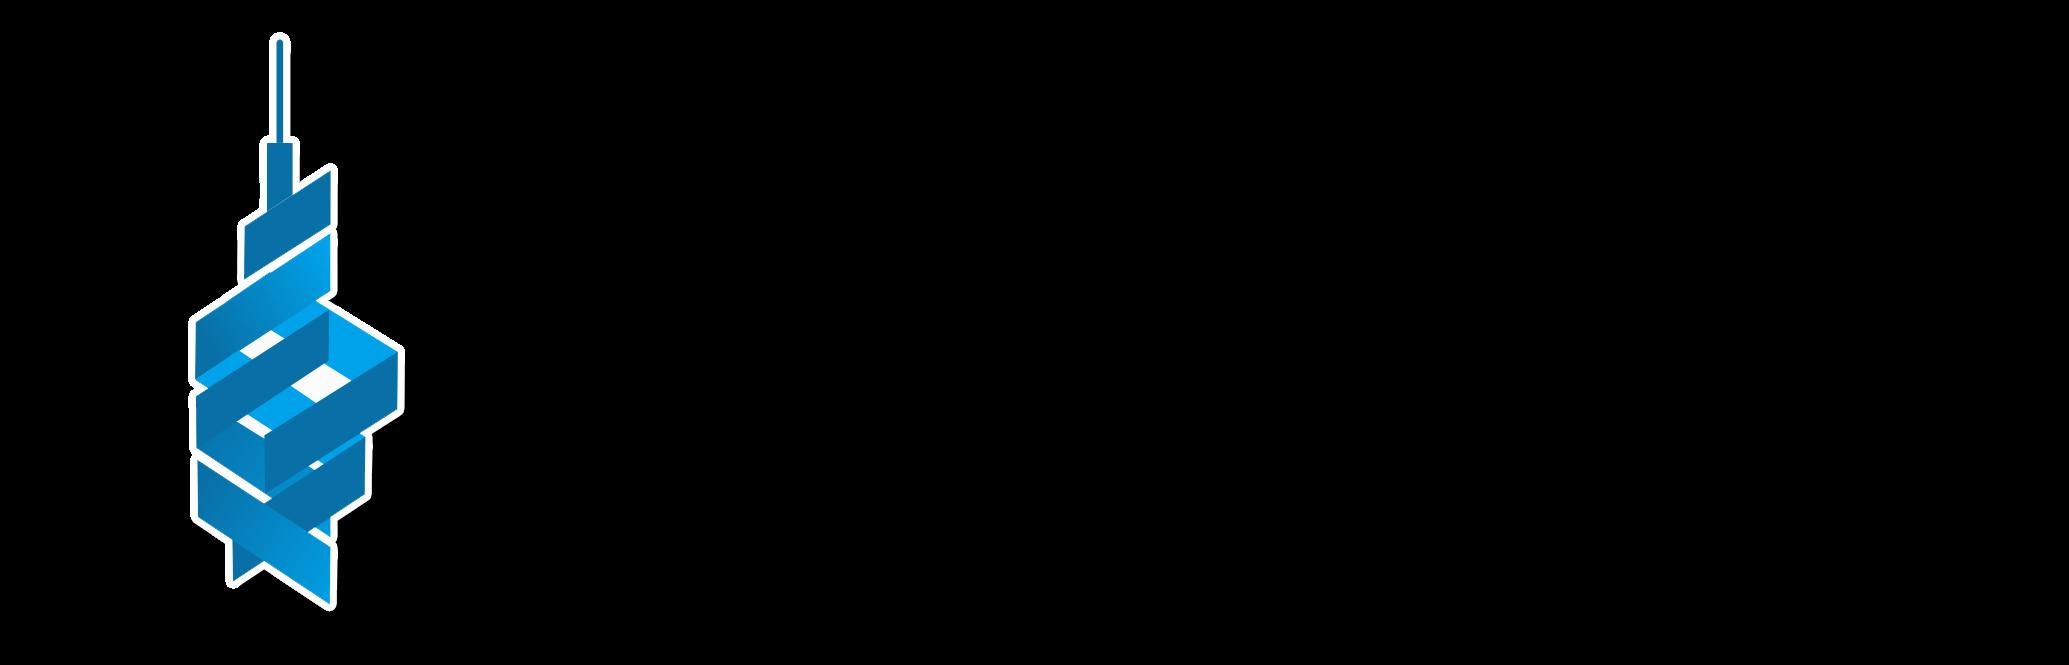 https://campaign-image.com/zohocampaigns/427042000023829006_zc_v8_iaet_logo.png